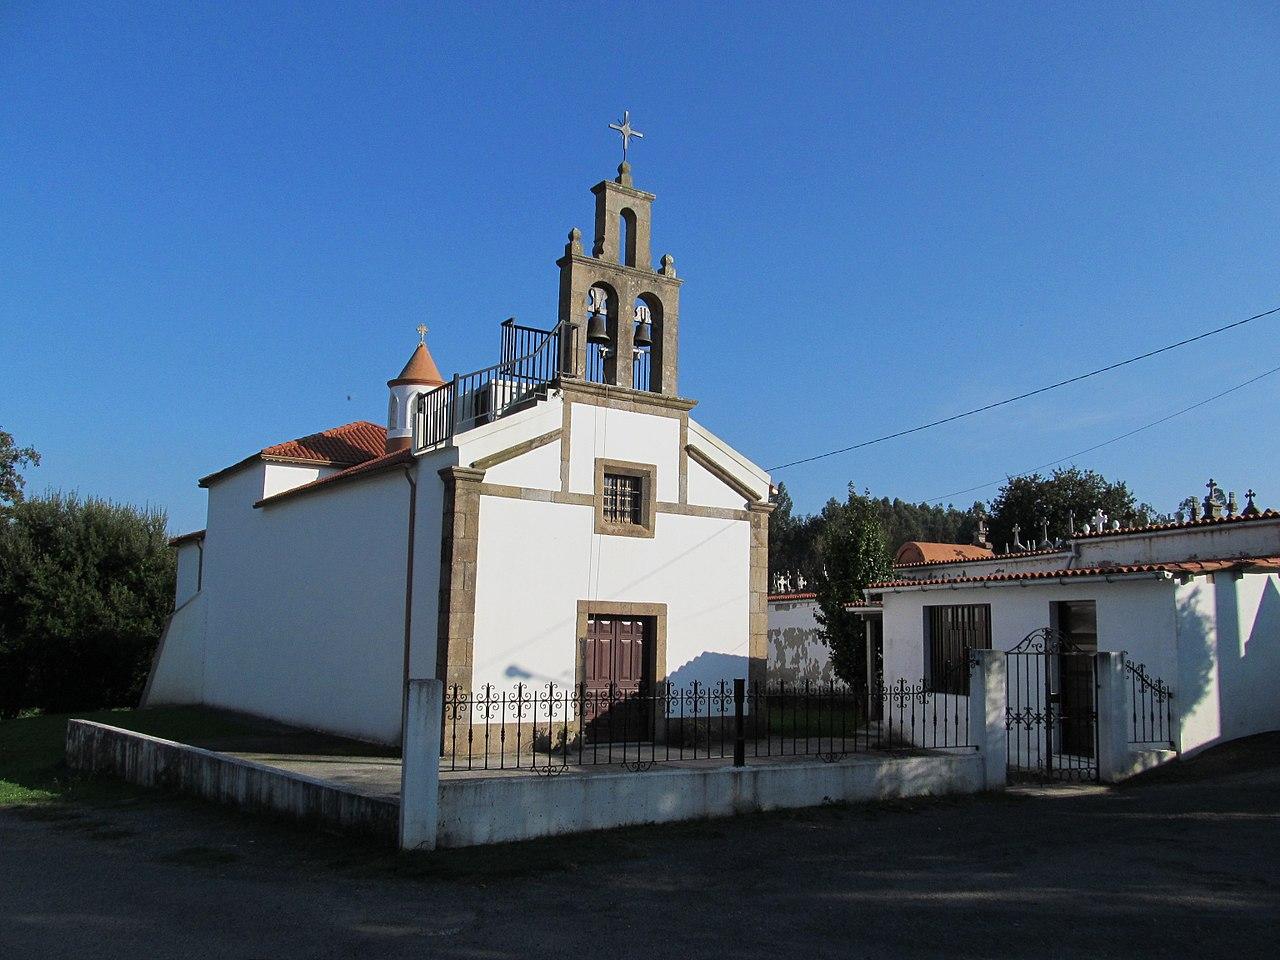 San Juan de Piñeiro